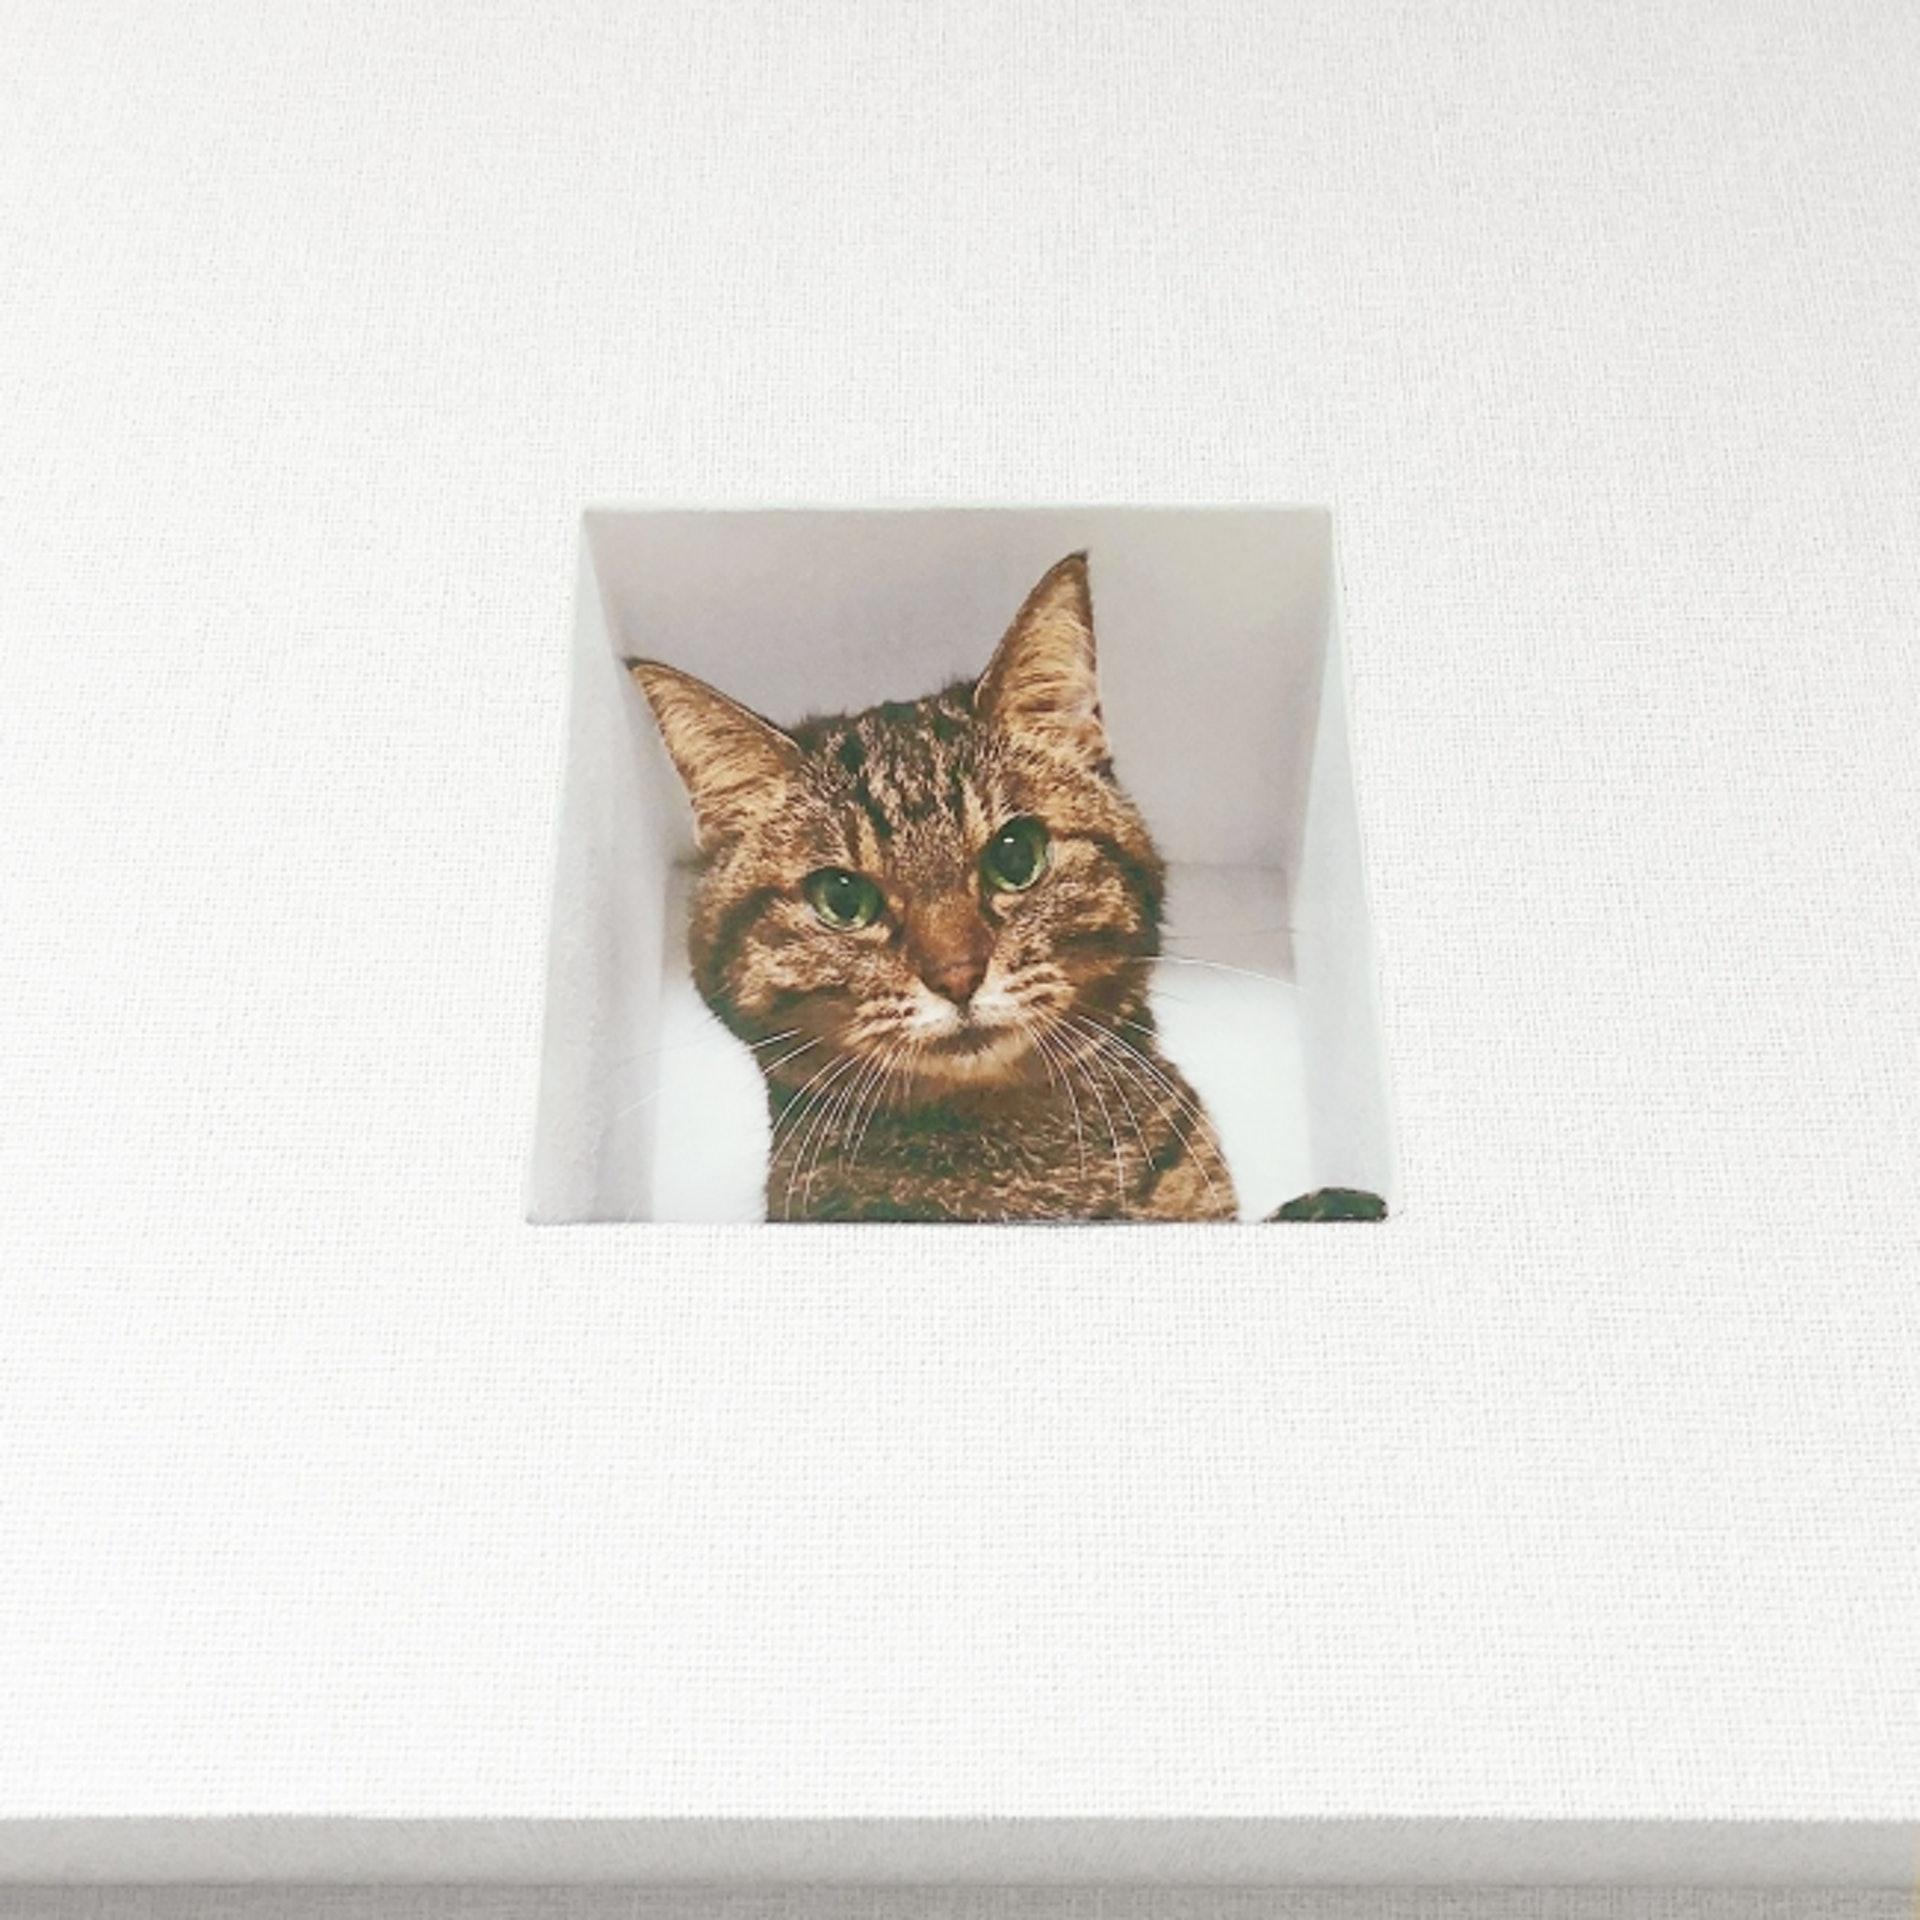 Delusion Mapping貓暗中觀察牆上貼紙:貓貓穿牆窺伺你,真是好像真。